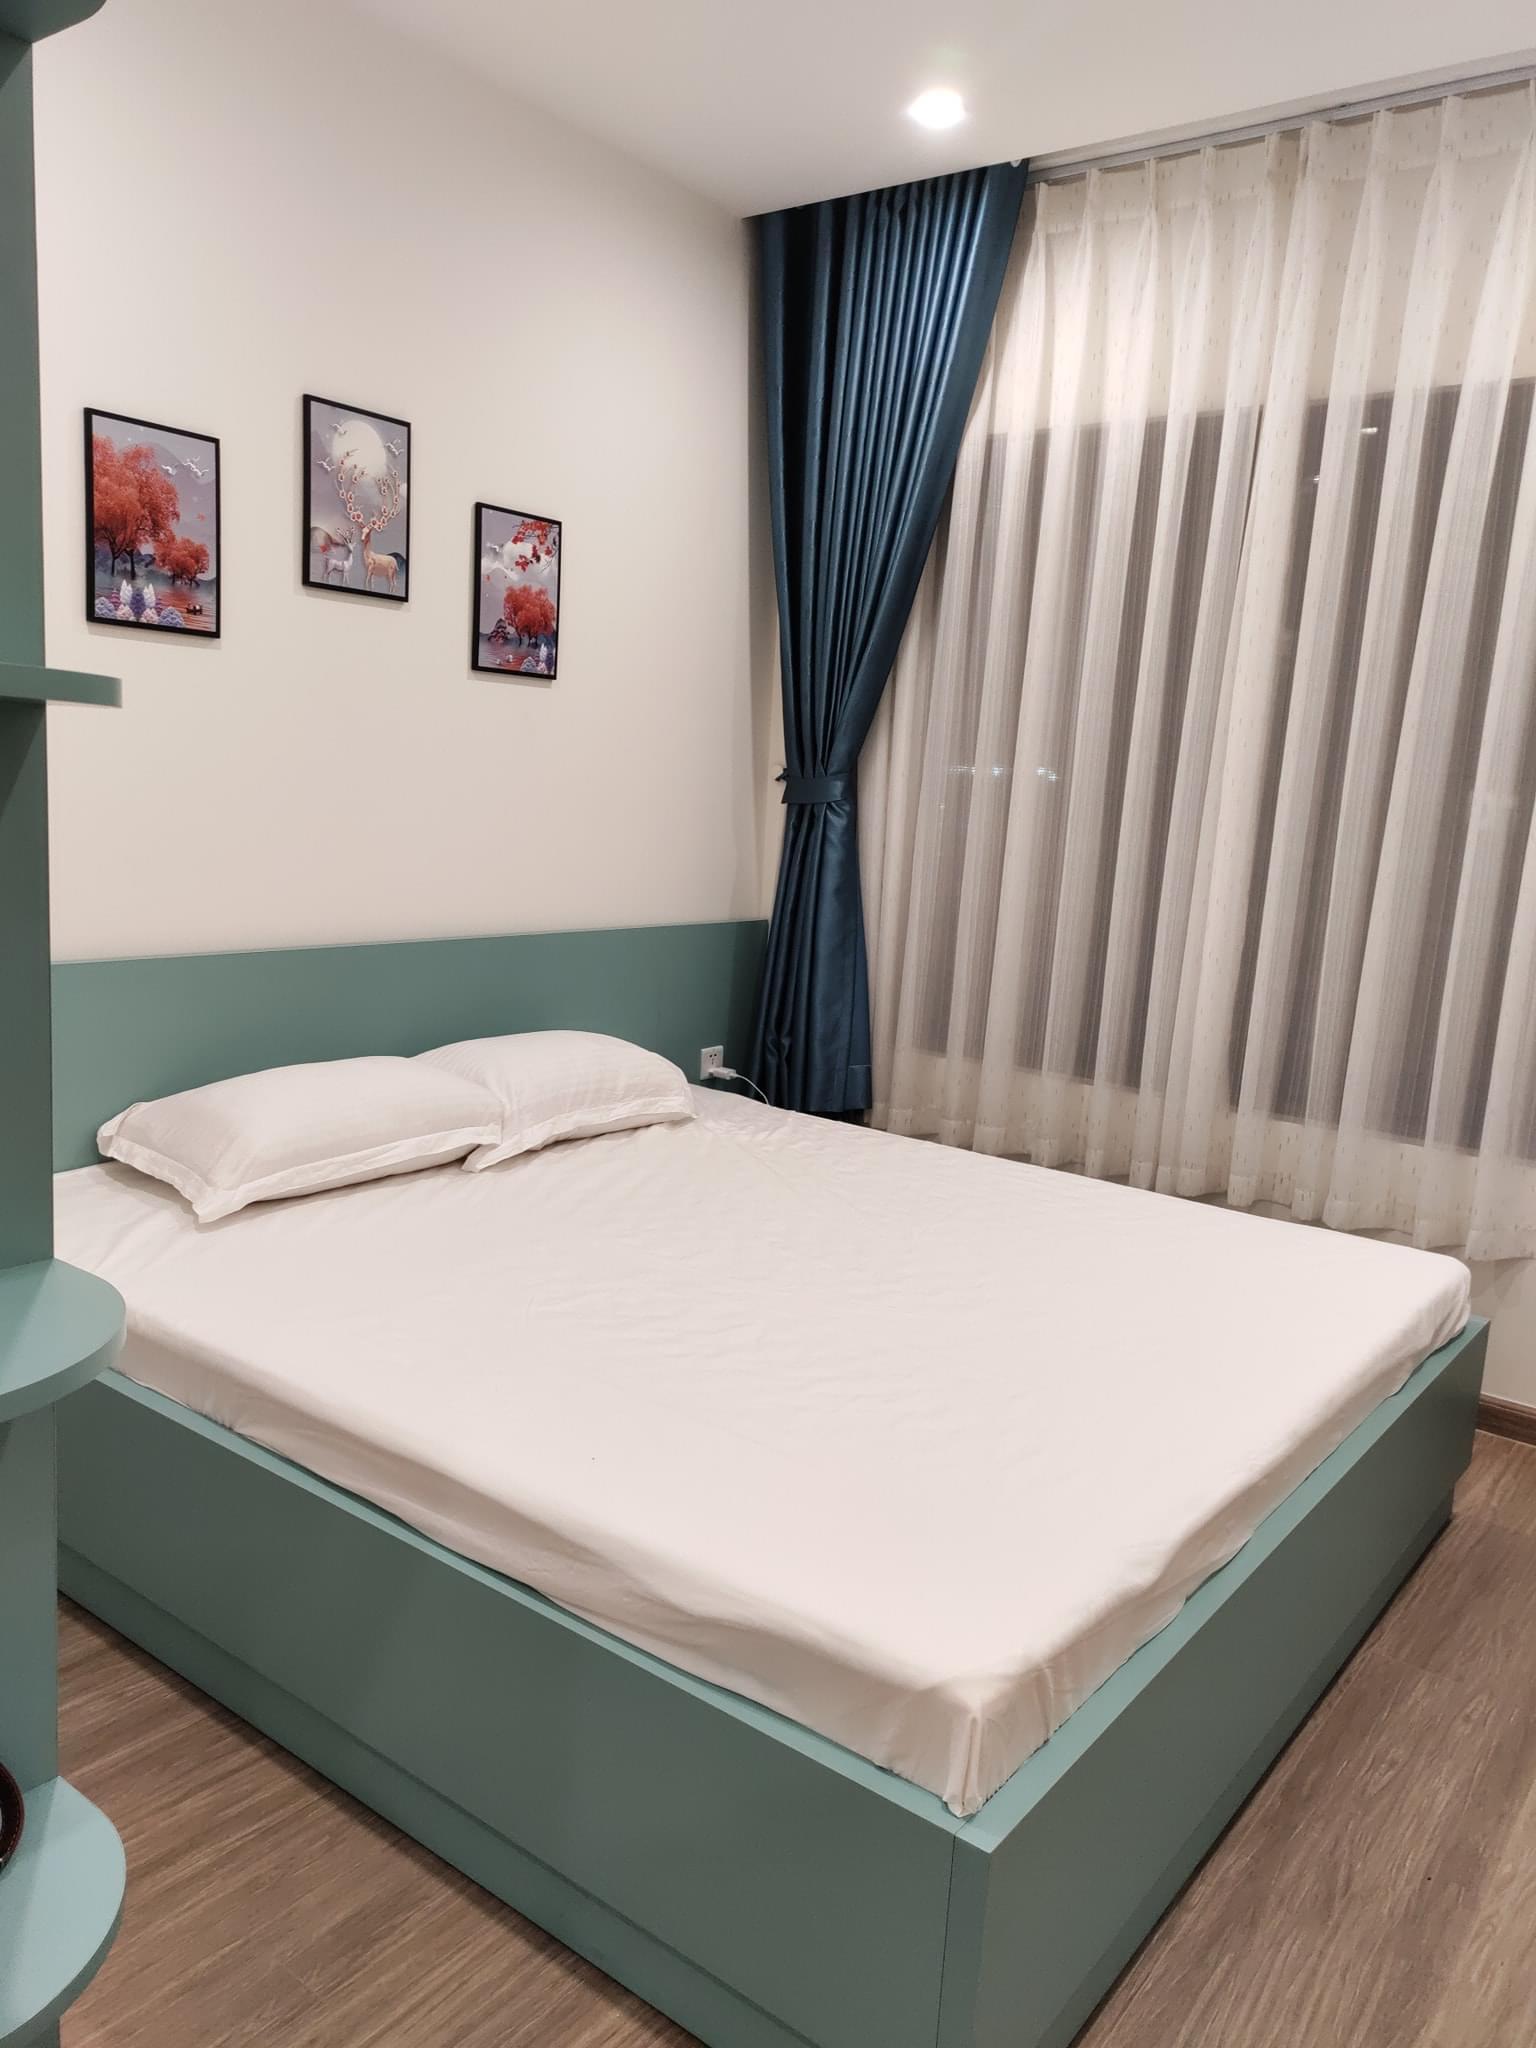 Căn hộ 1 phòng ngủ 48m2 Toà S3.01 Nội thất giá 6,5tr/tháng 7